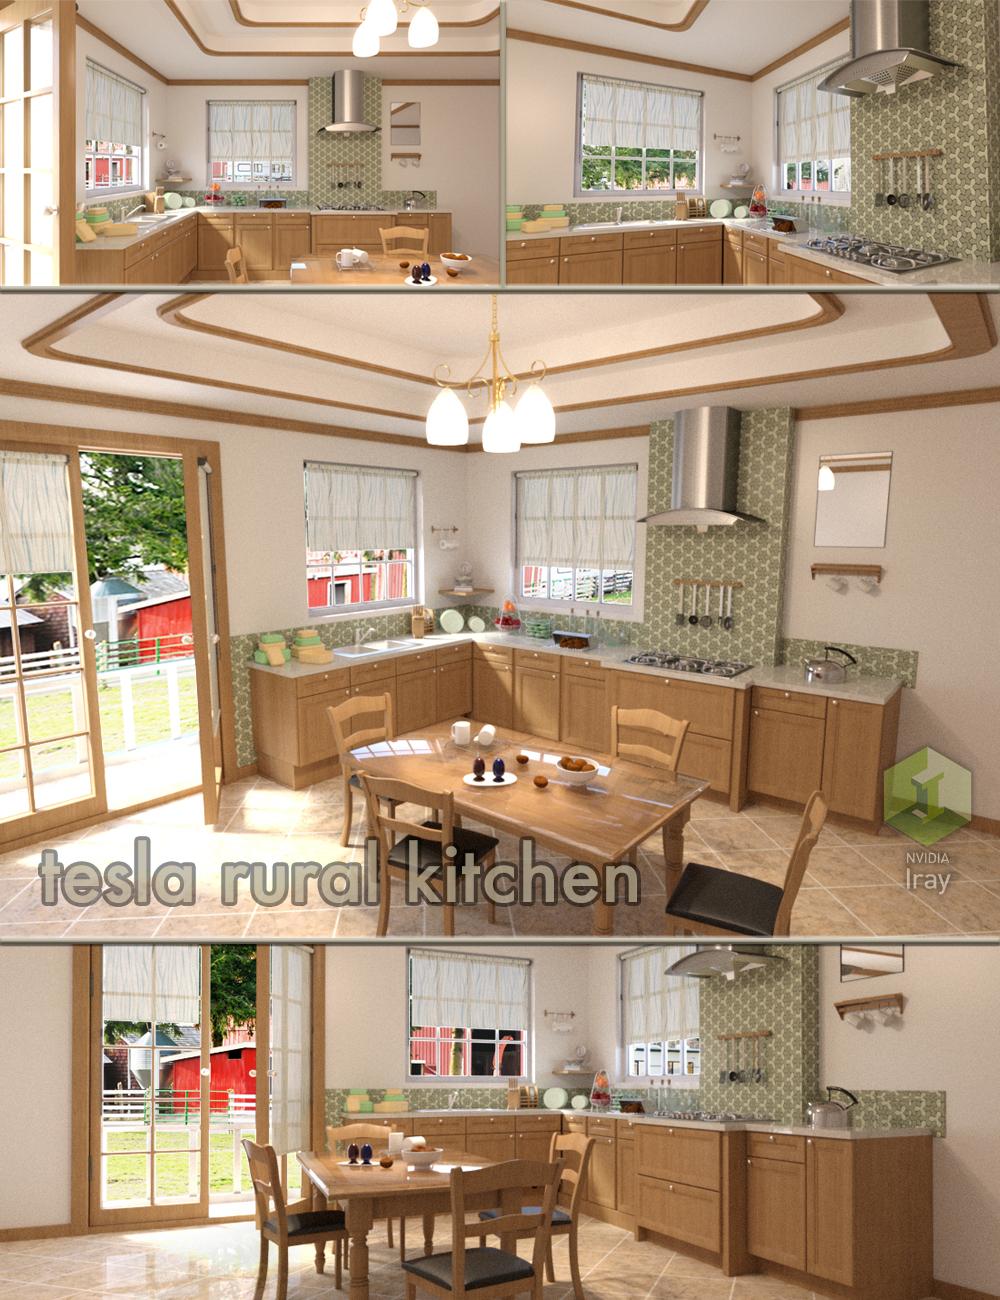 Tesla Rural Kitchen by: Tesla3dCorp, 3D Models by Daz 3D